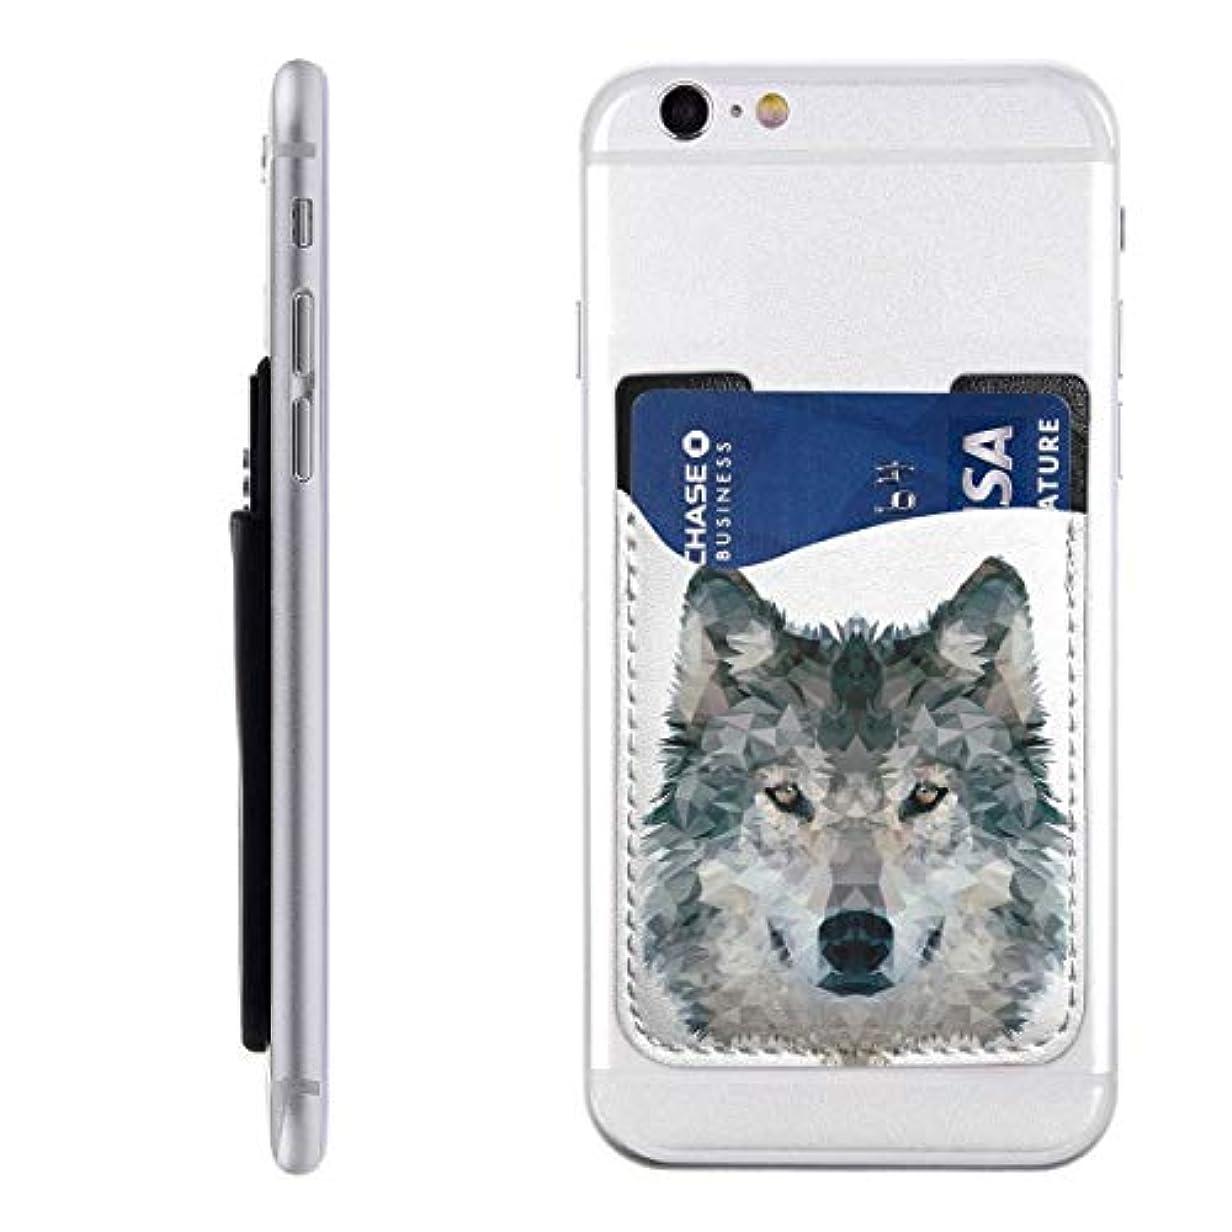 細分化するようこそを除くPU スマホ カードケース 貼り付け 3Dオオカミ スマホケースカード収納 カード収納 大容量 軽量 持ち運びが簡単 全機種対応 6.2X9CM